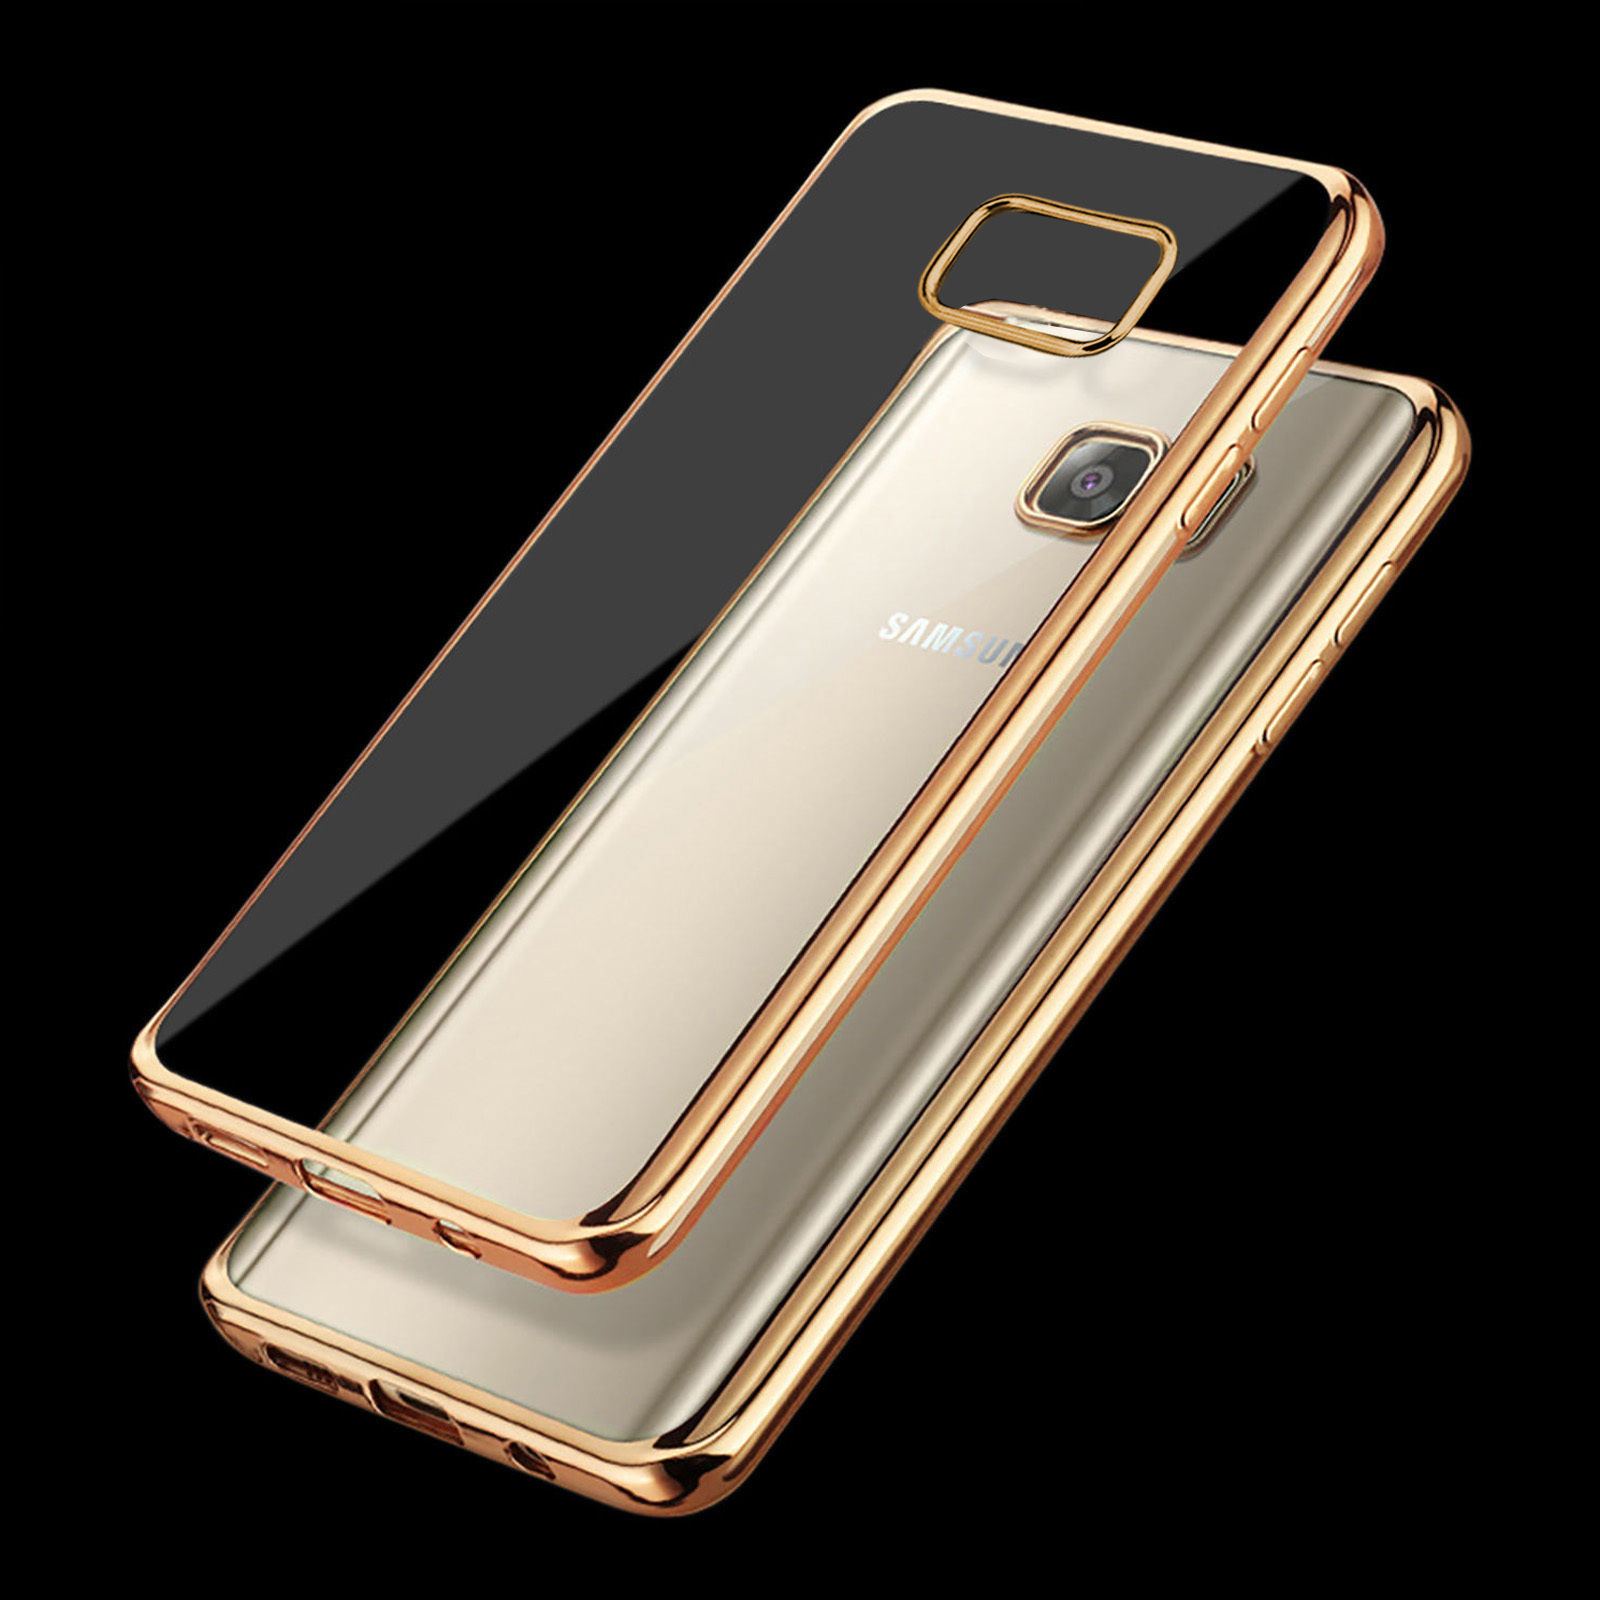 Ultra tenké gelové pouzdro s designovým rámečkem pro Samsung Galaxy S6 Edge+ (SVI G928F) - zlat